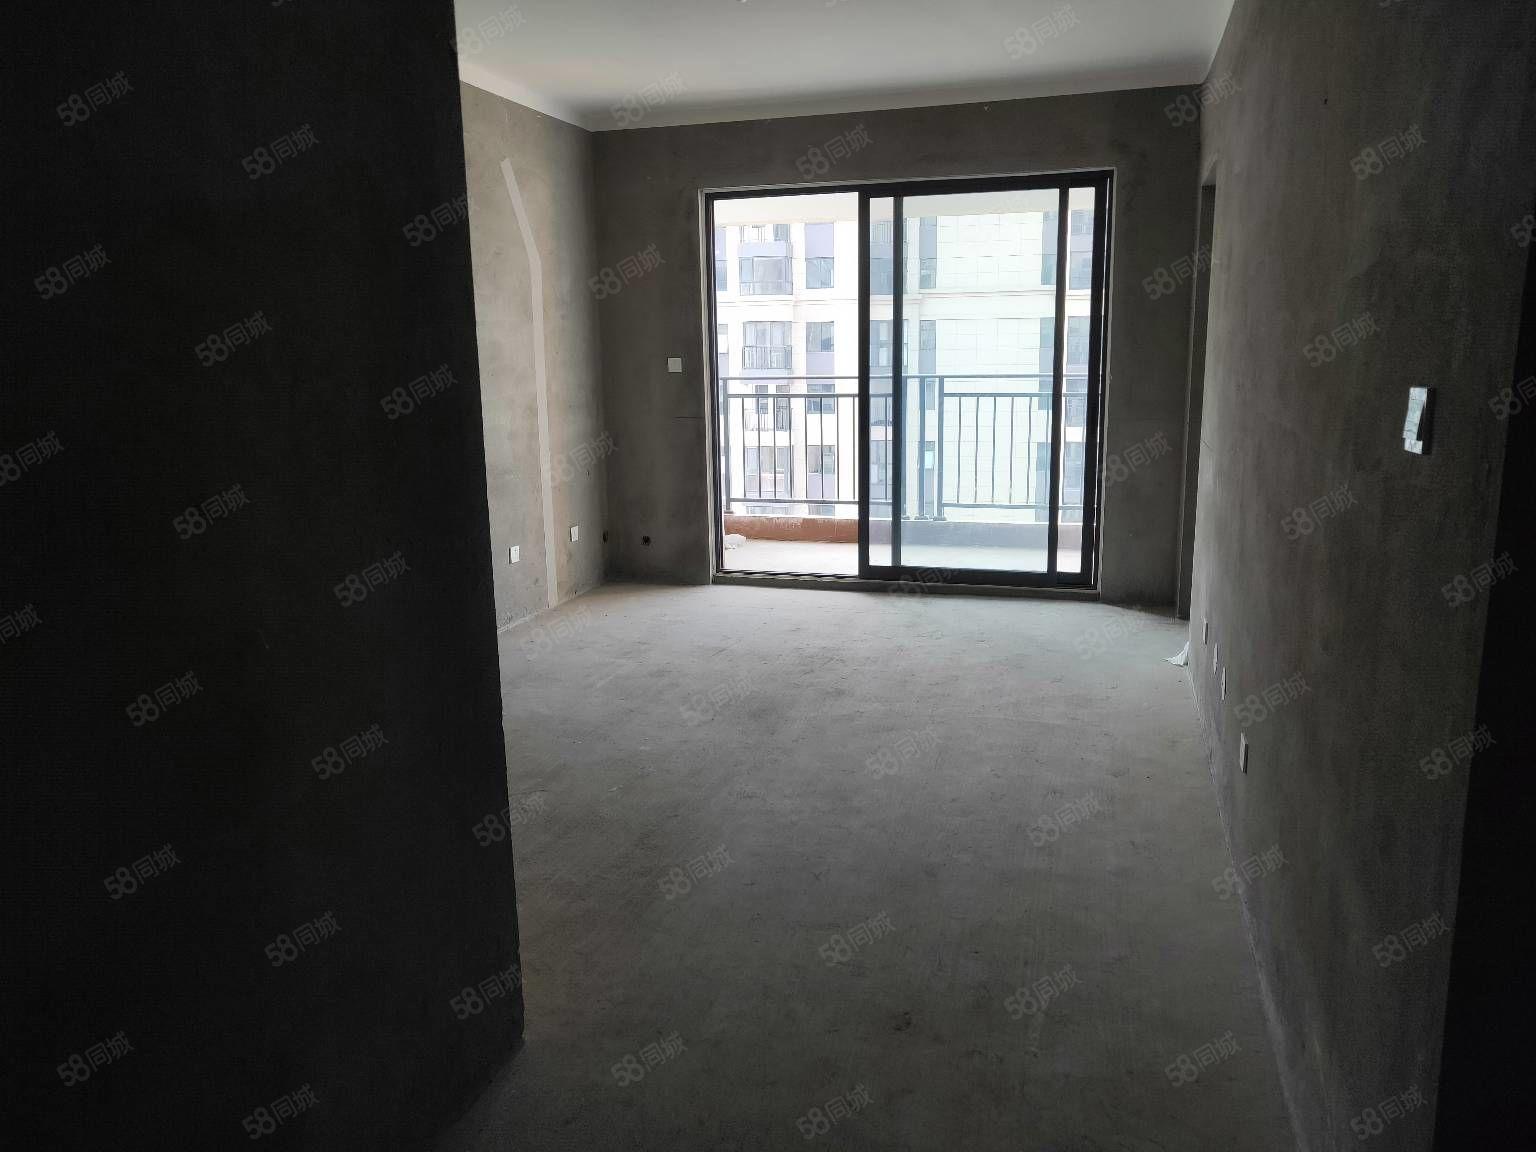 华诚荣邦蓝湾翠园97平3室满两年急售65.5万